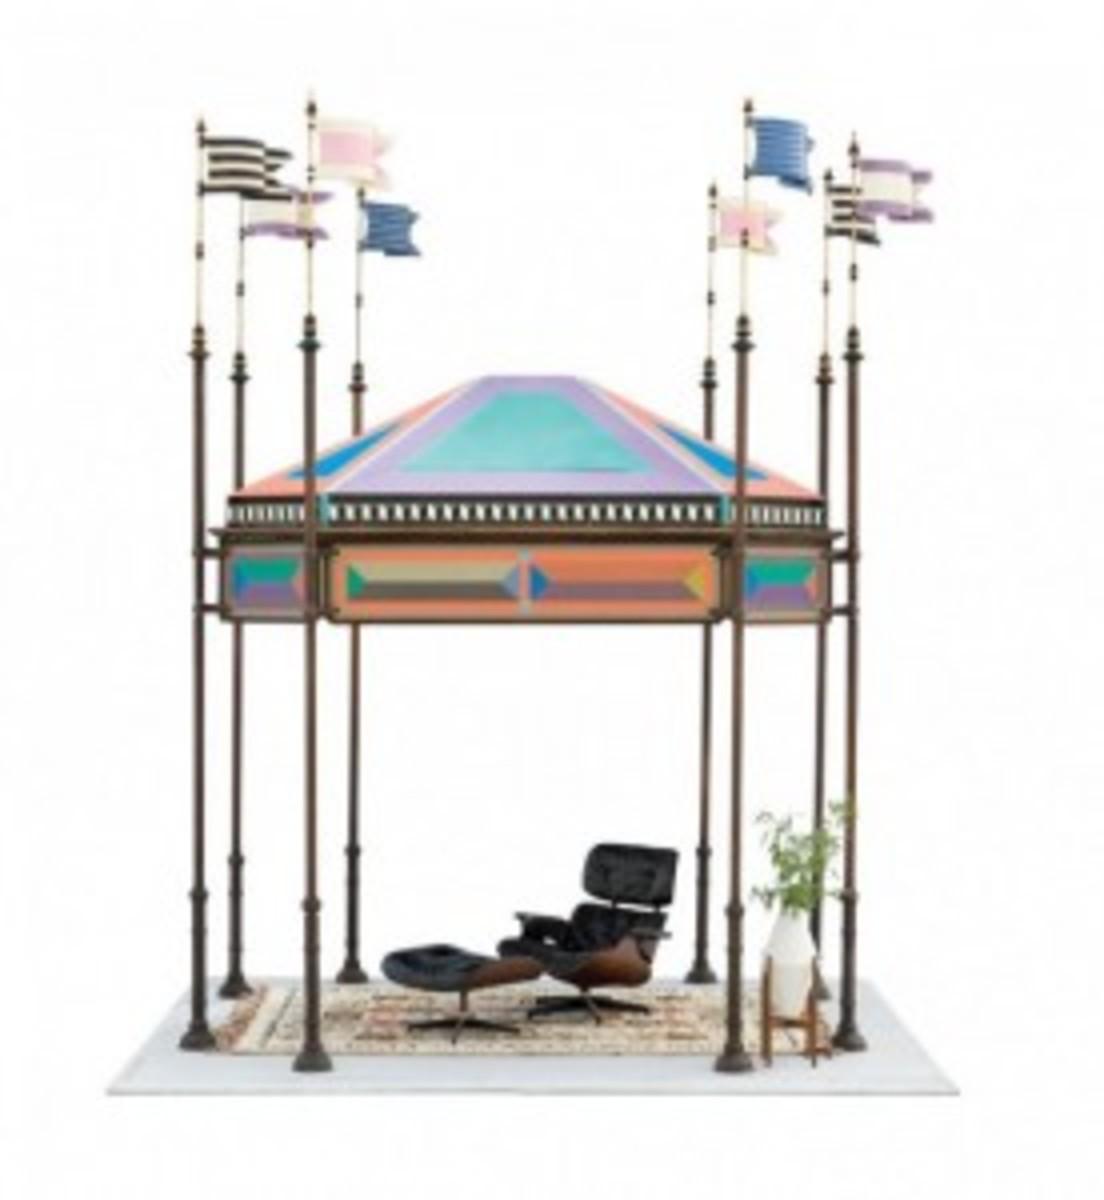 Eames freestanding kiosk